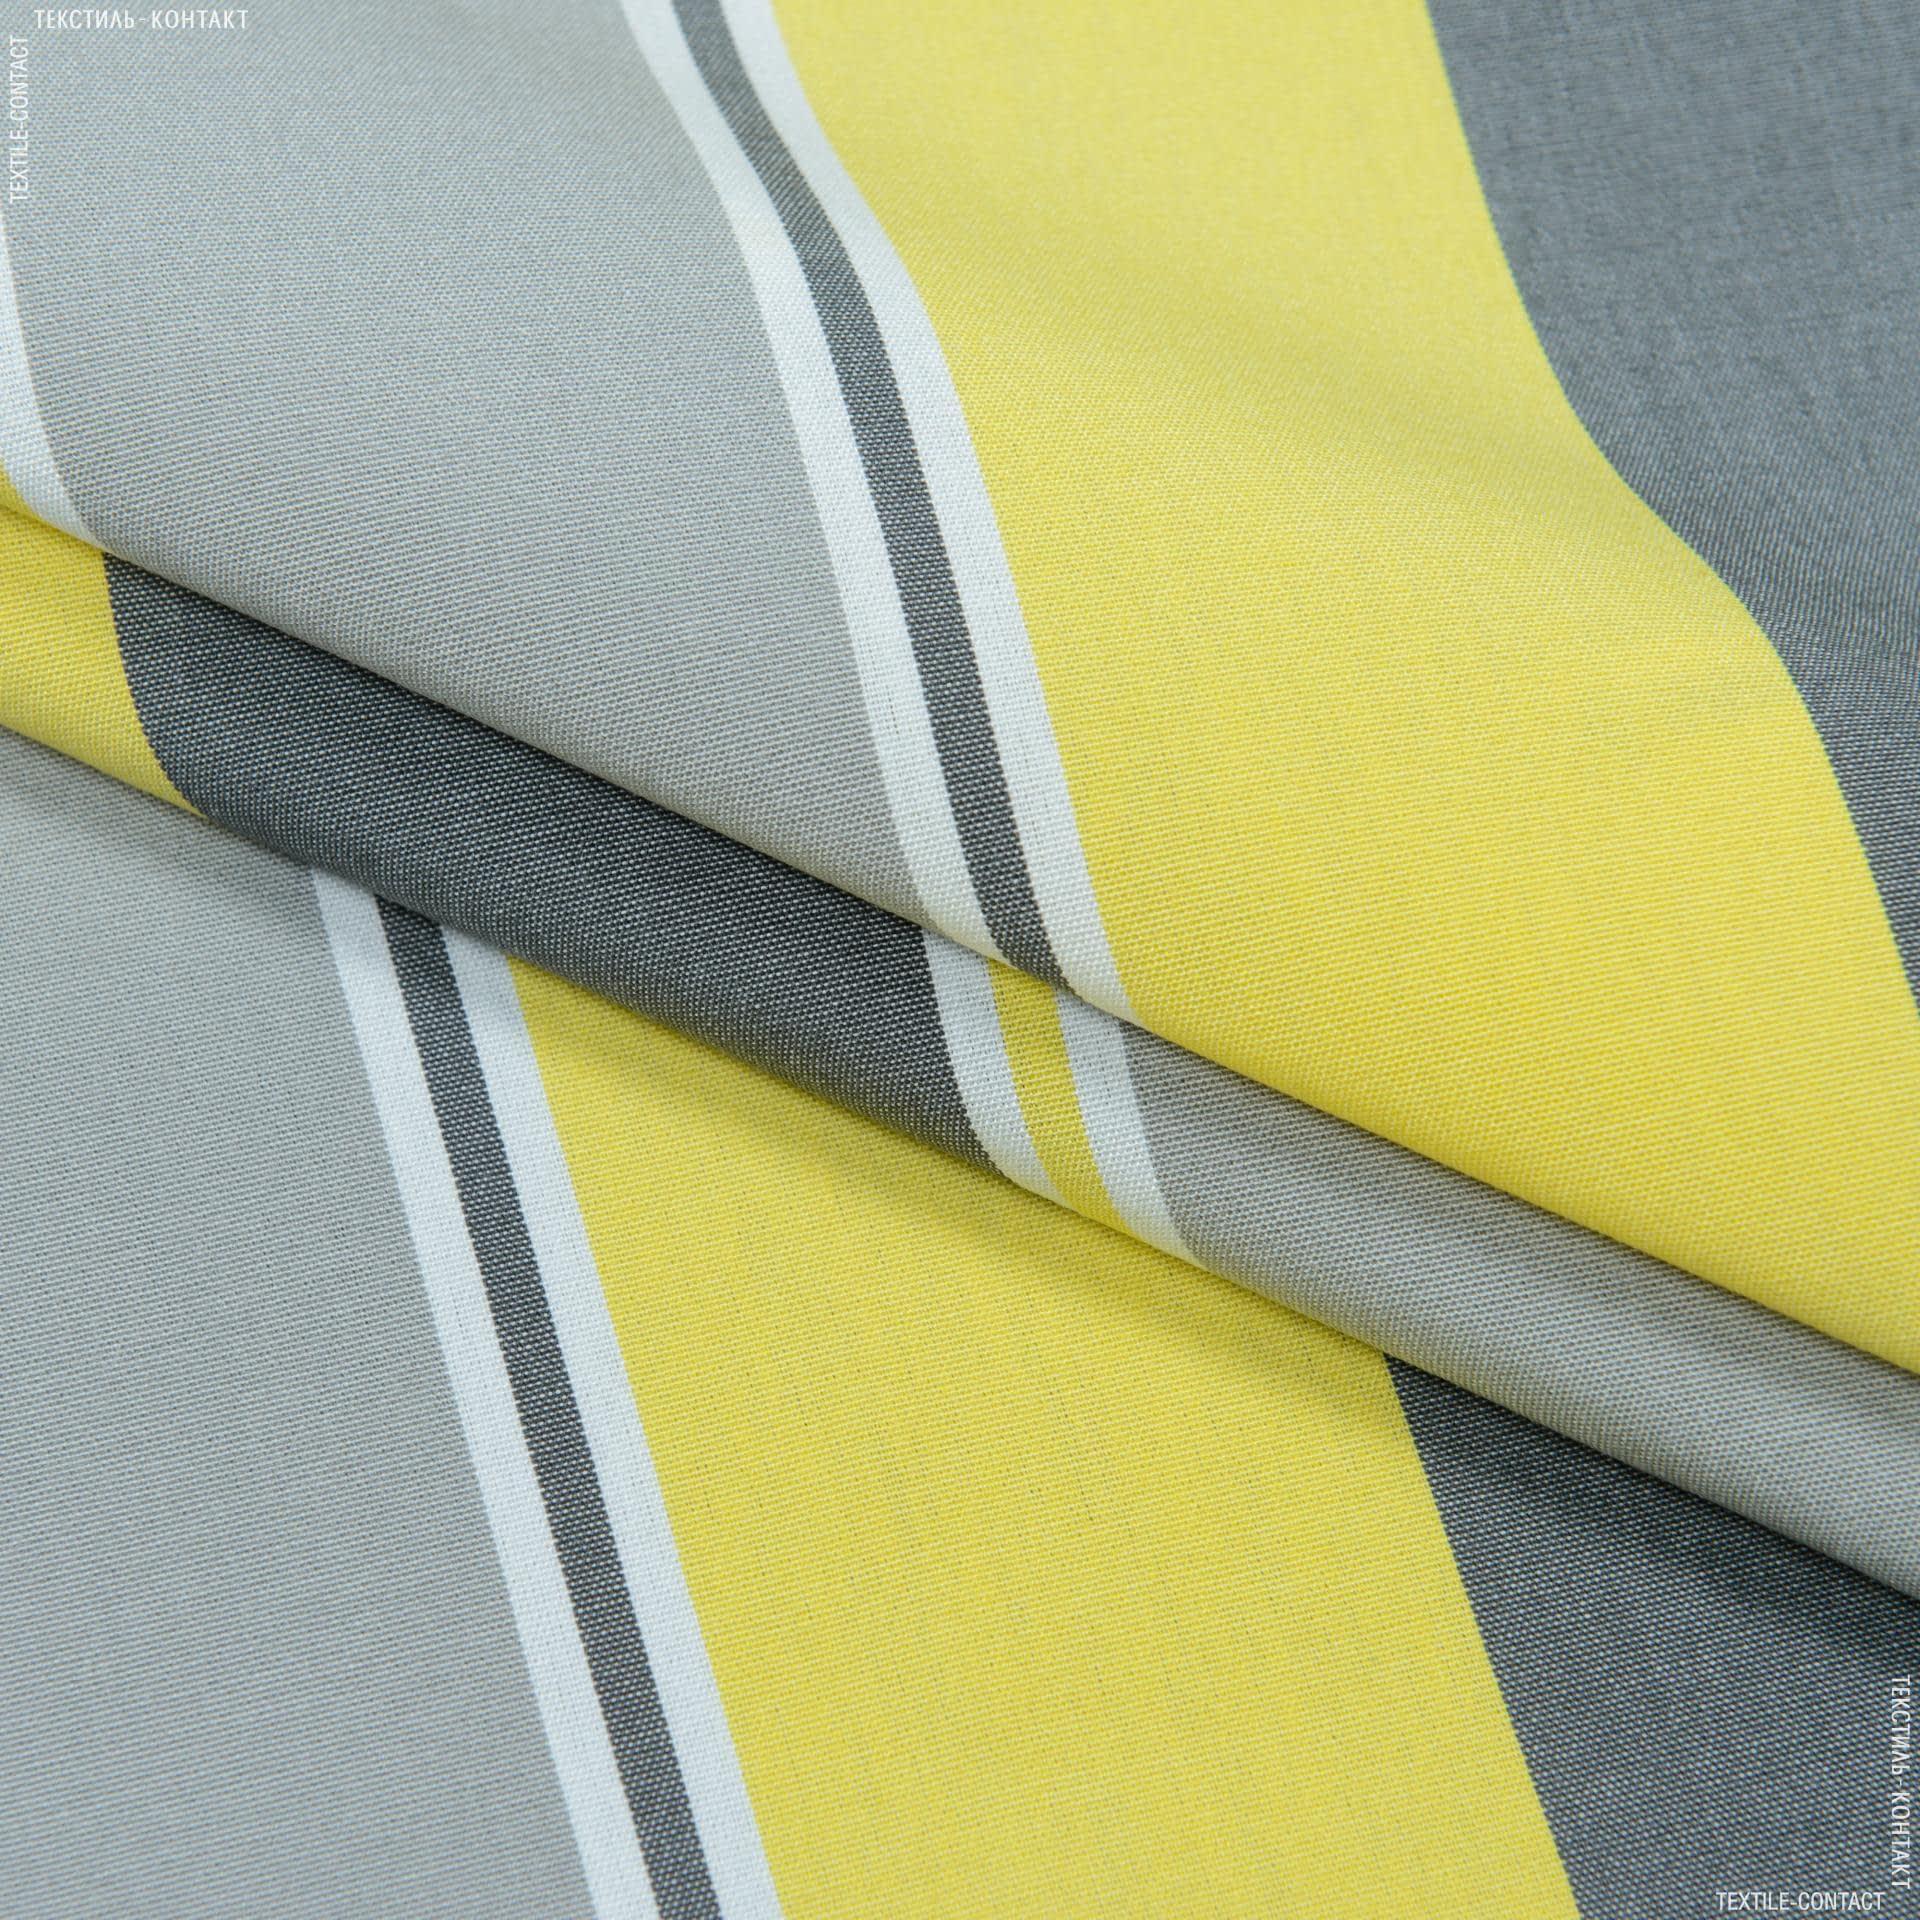 Ткани портьерные ткани - Дралон полоса  /  серый, желтый  FRBS1